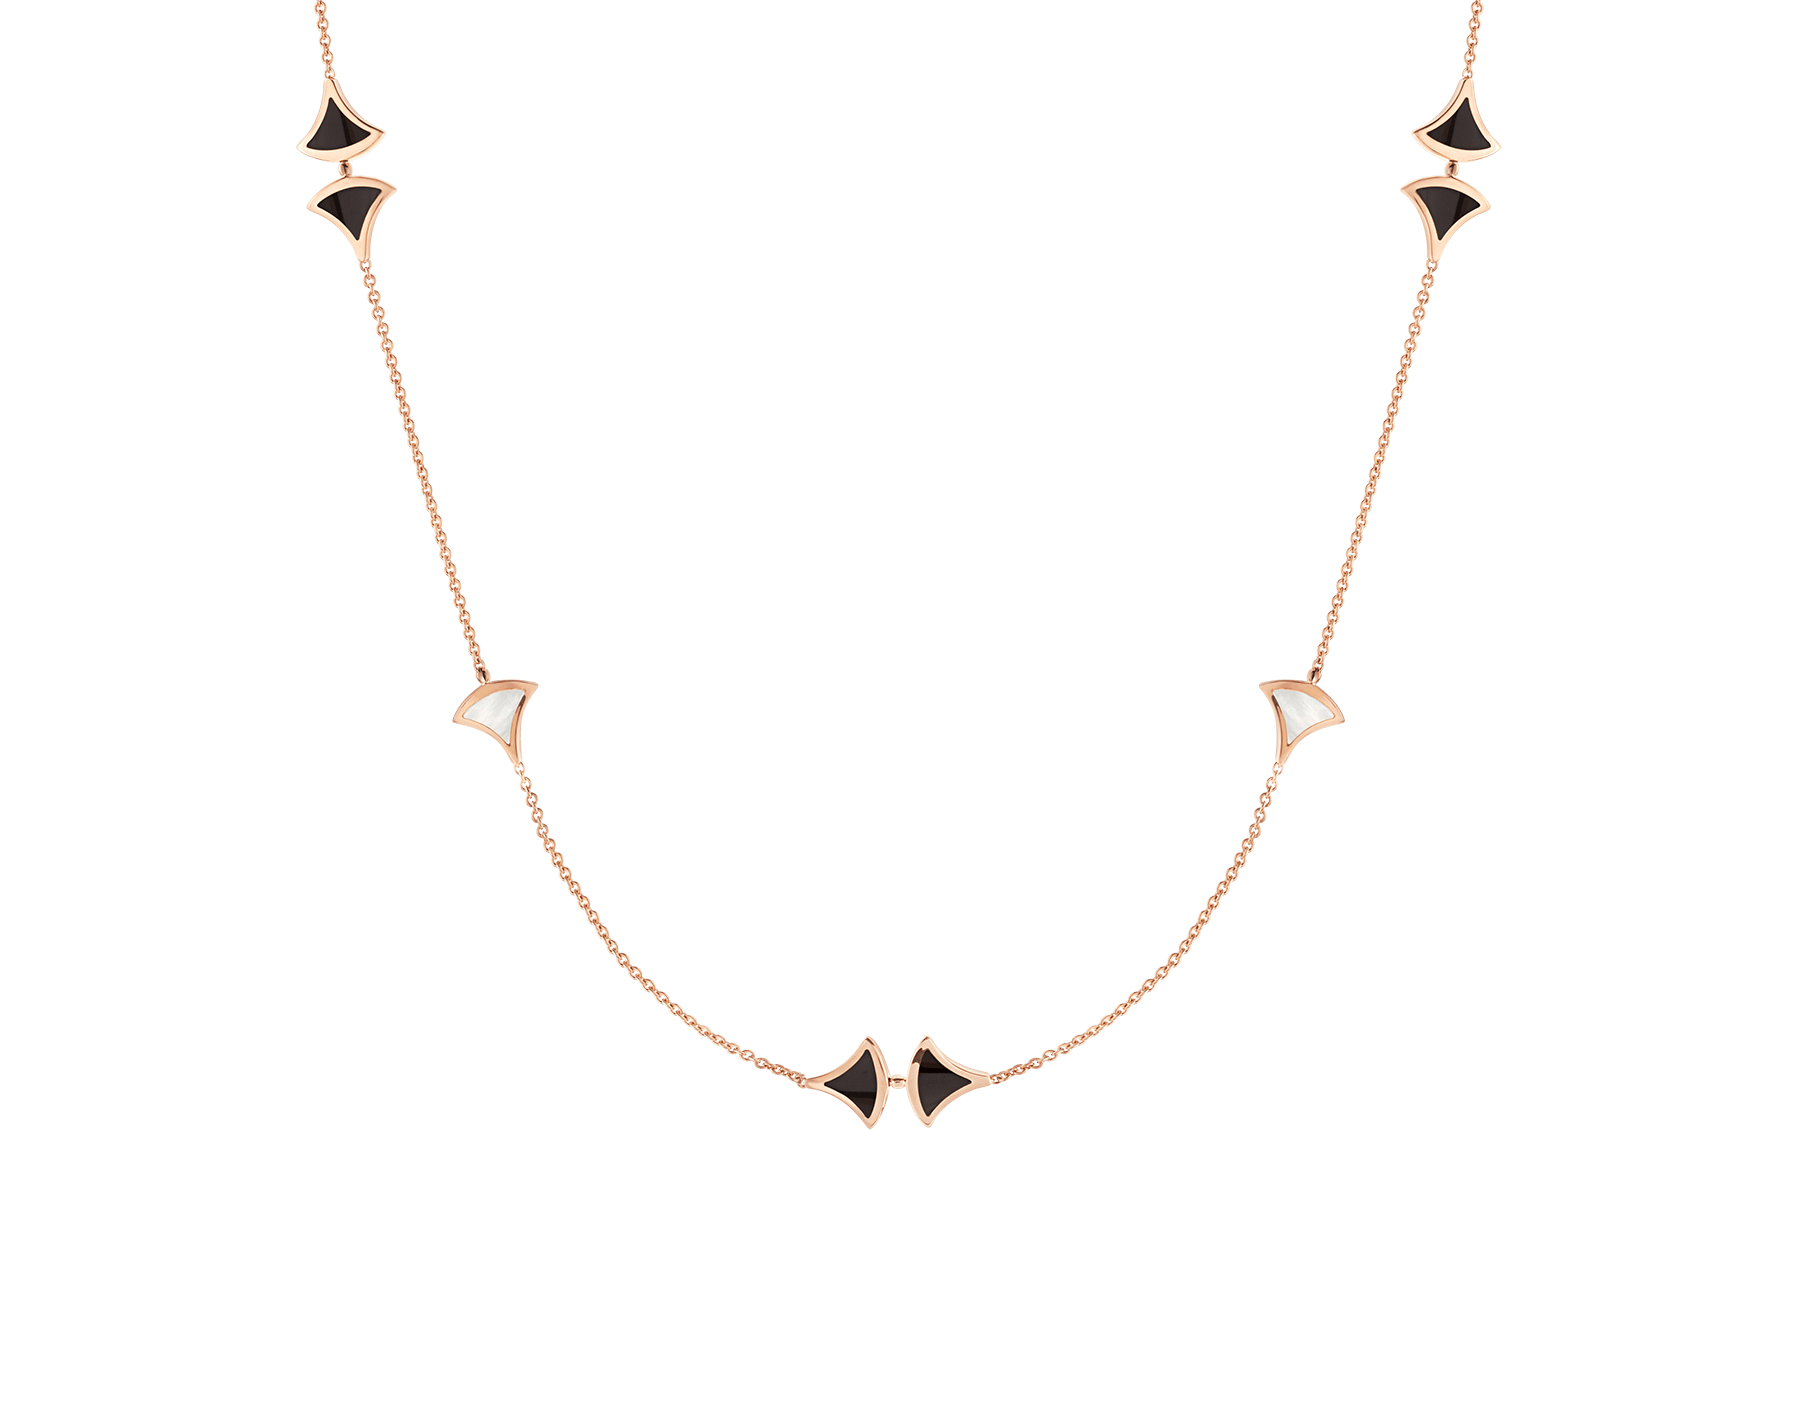 Sautoir DIVAS' DREAM in oro rosa 18 kt con elementi in madreperla e onice nera. 350060 image 1